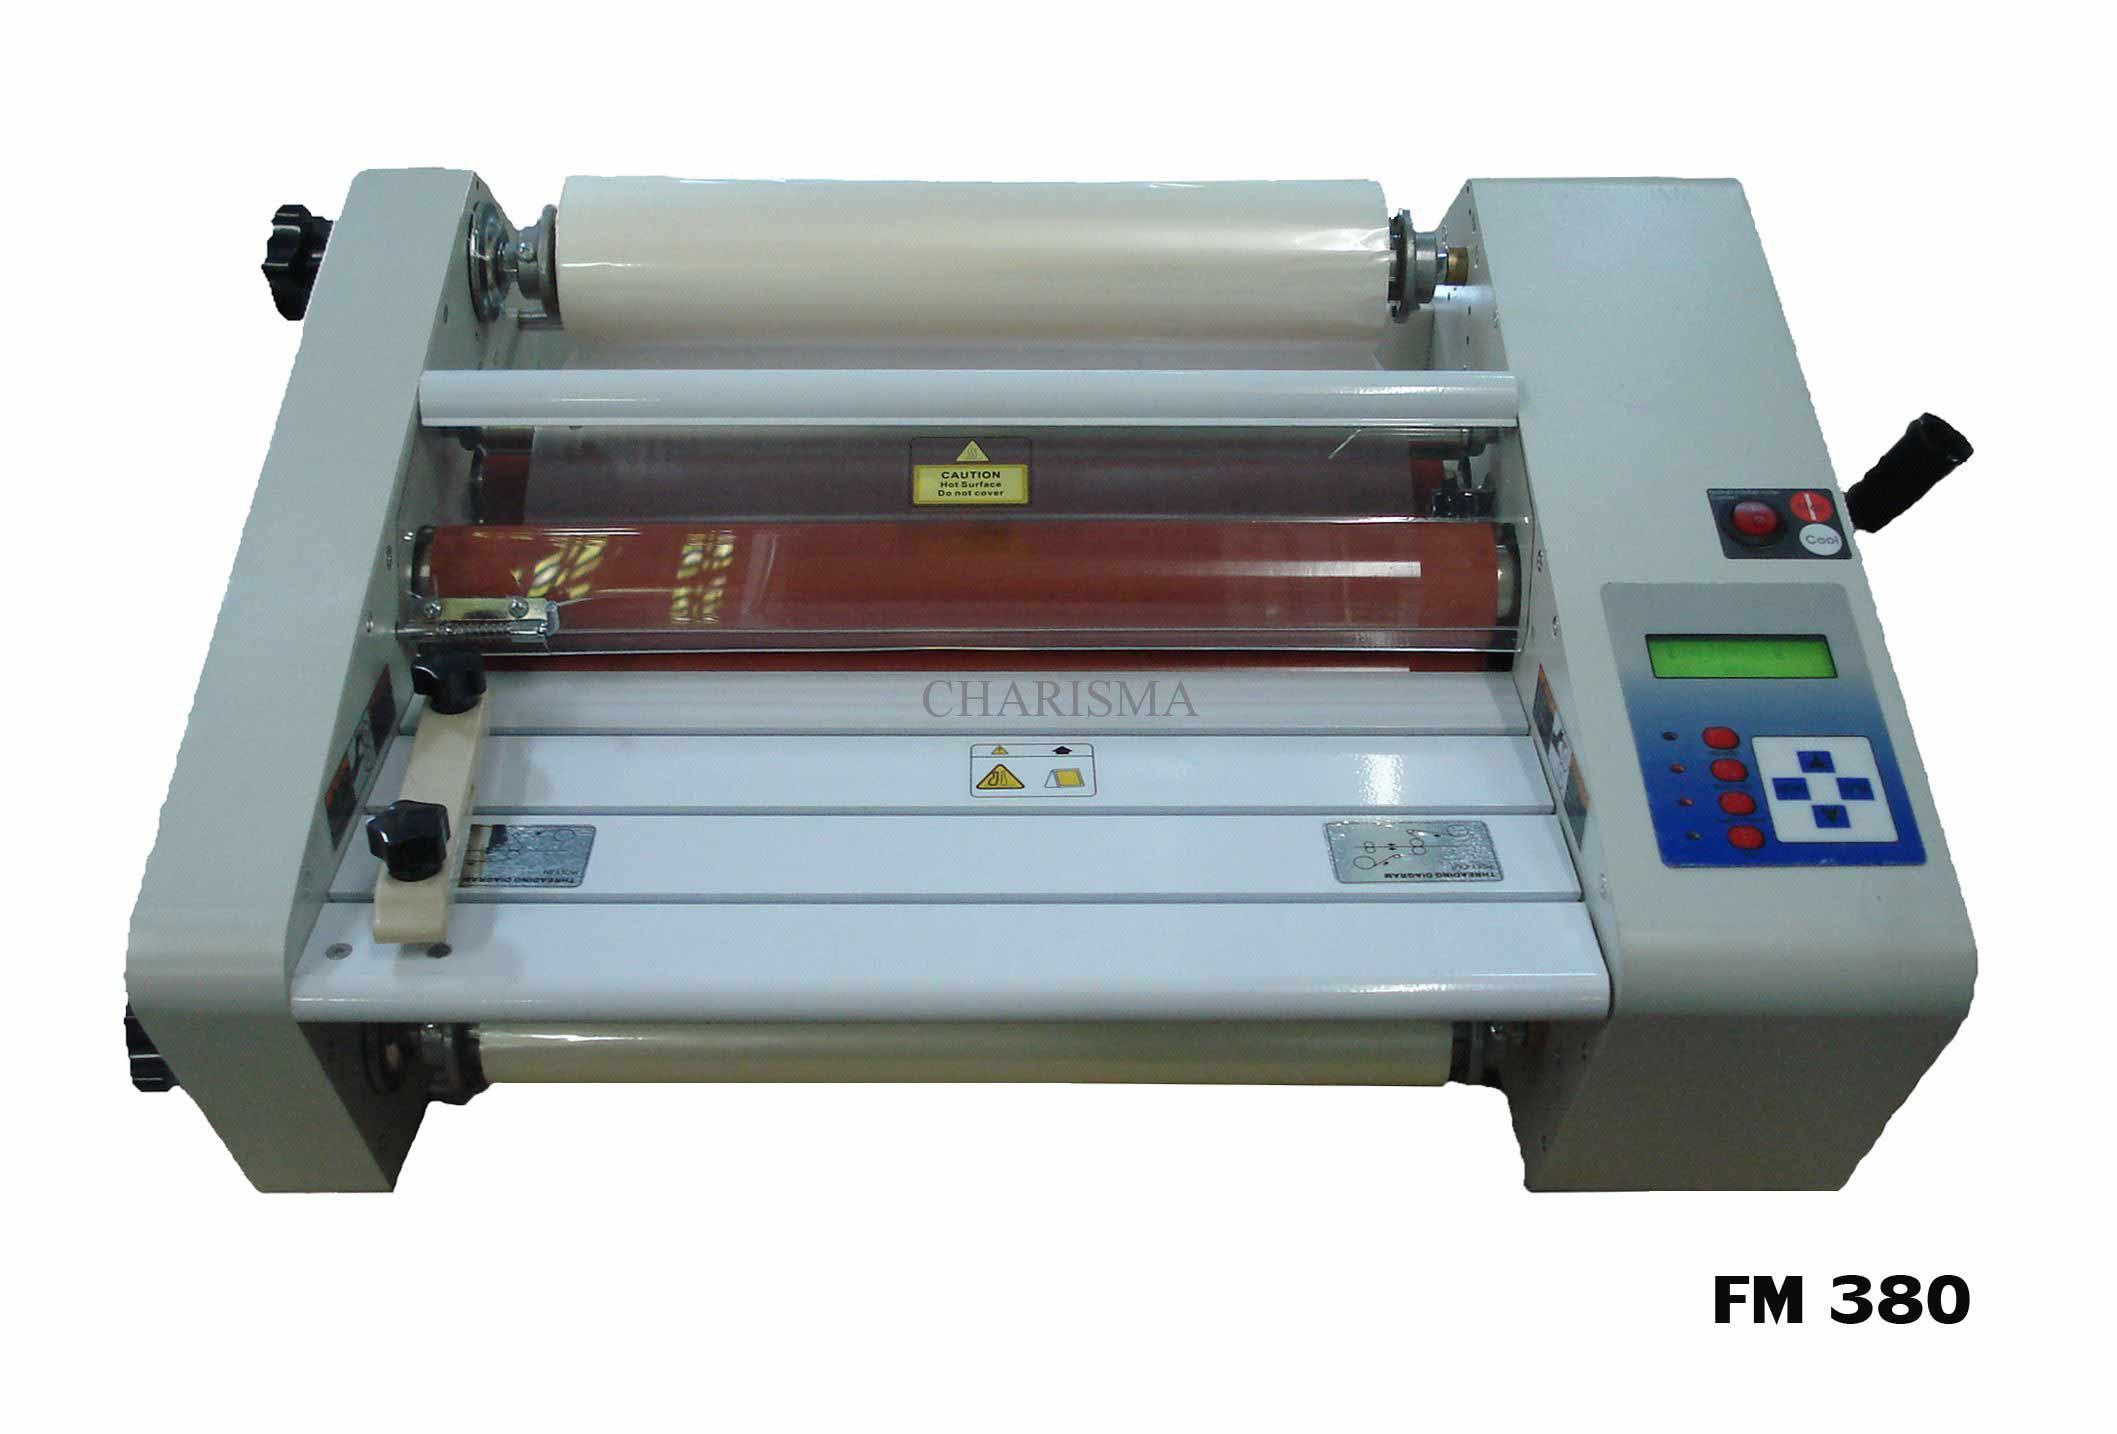 เครื่องเคลือบ UV FM-380 เคลือบแบบม้วน เคลือบปก นามบัตร 2 หน้าพร้อมกันได้ 1